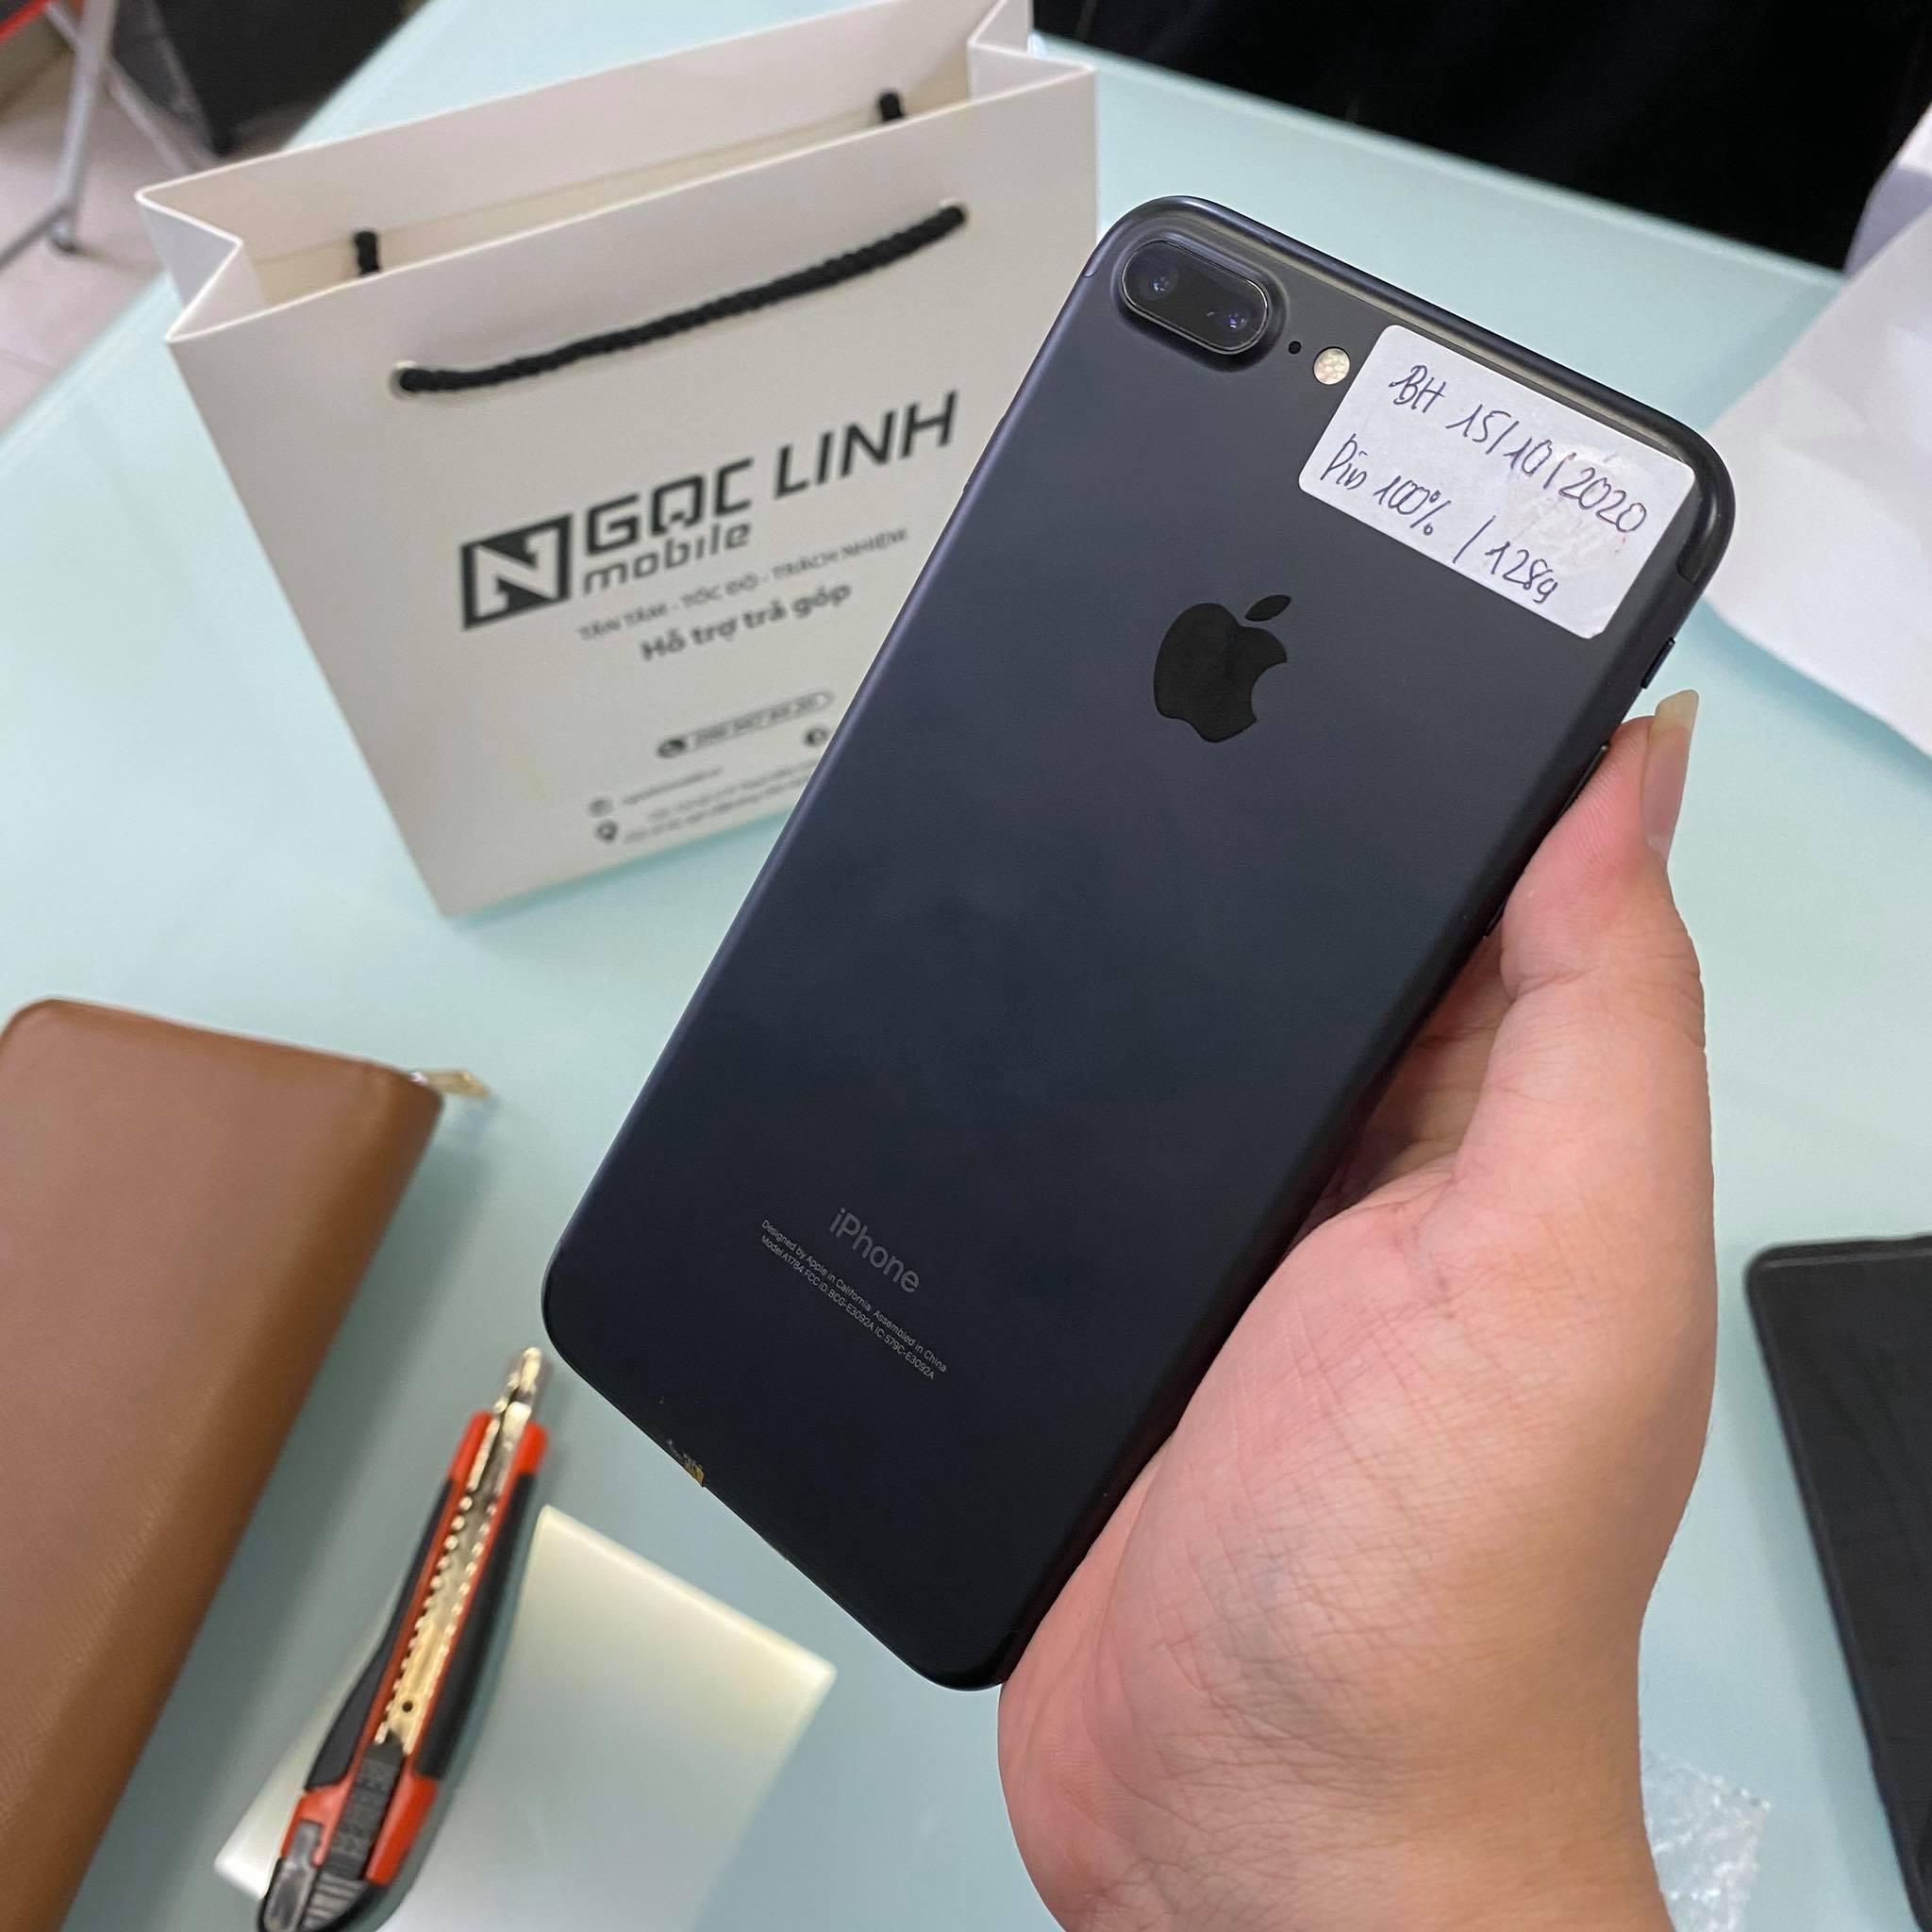 iPhone iPhone - Lý do khiến Apple tạo nên thương hiệu cho iPhone trên thị trường